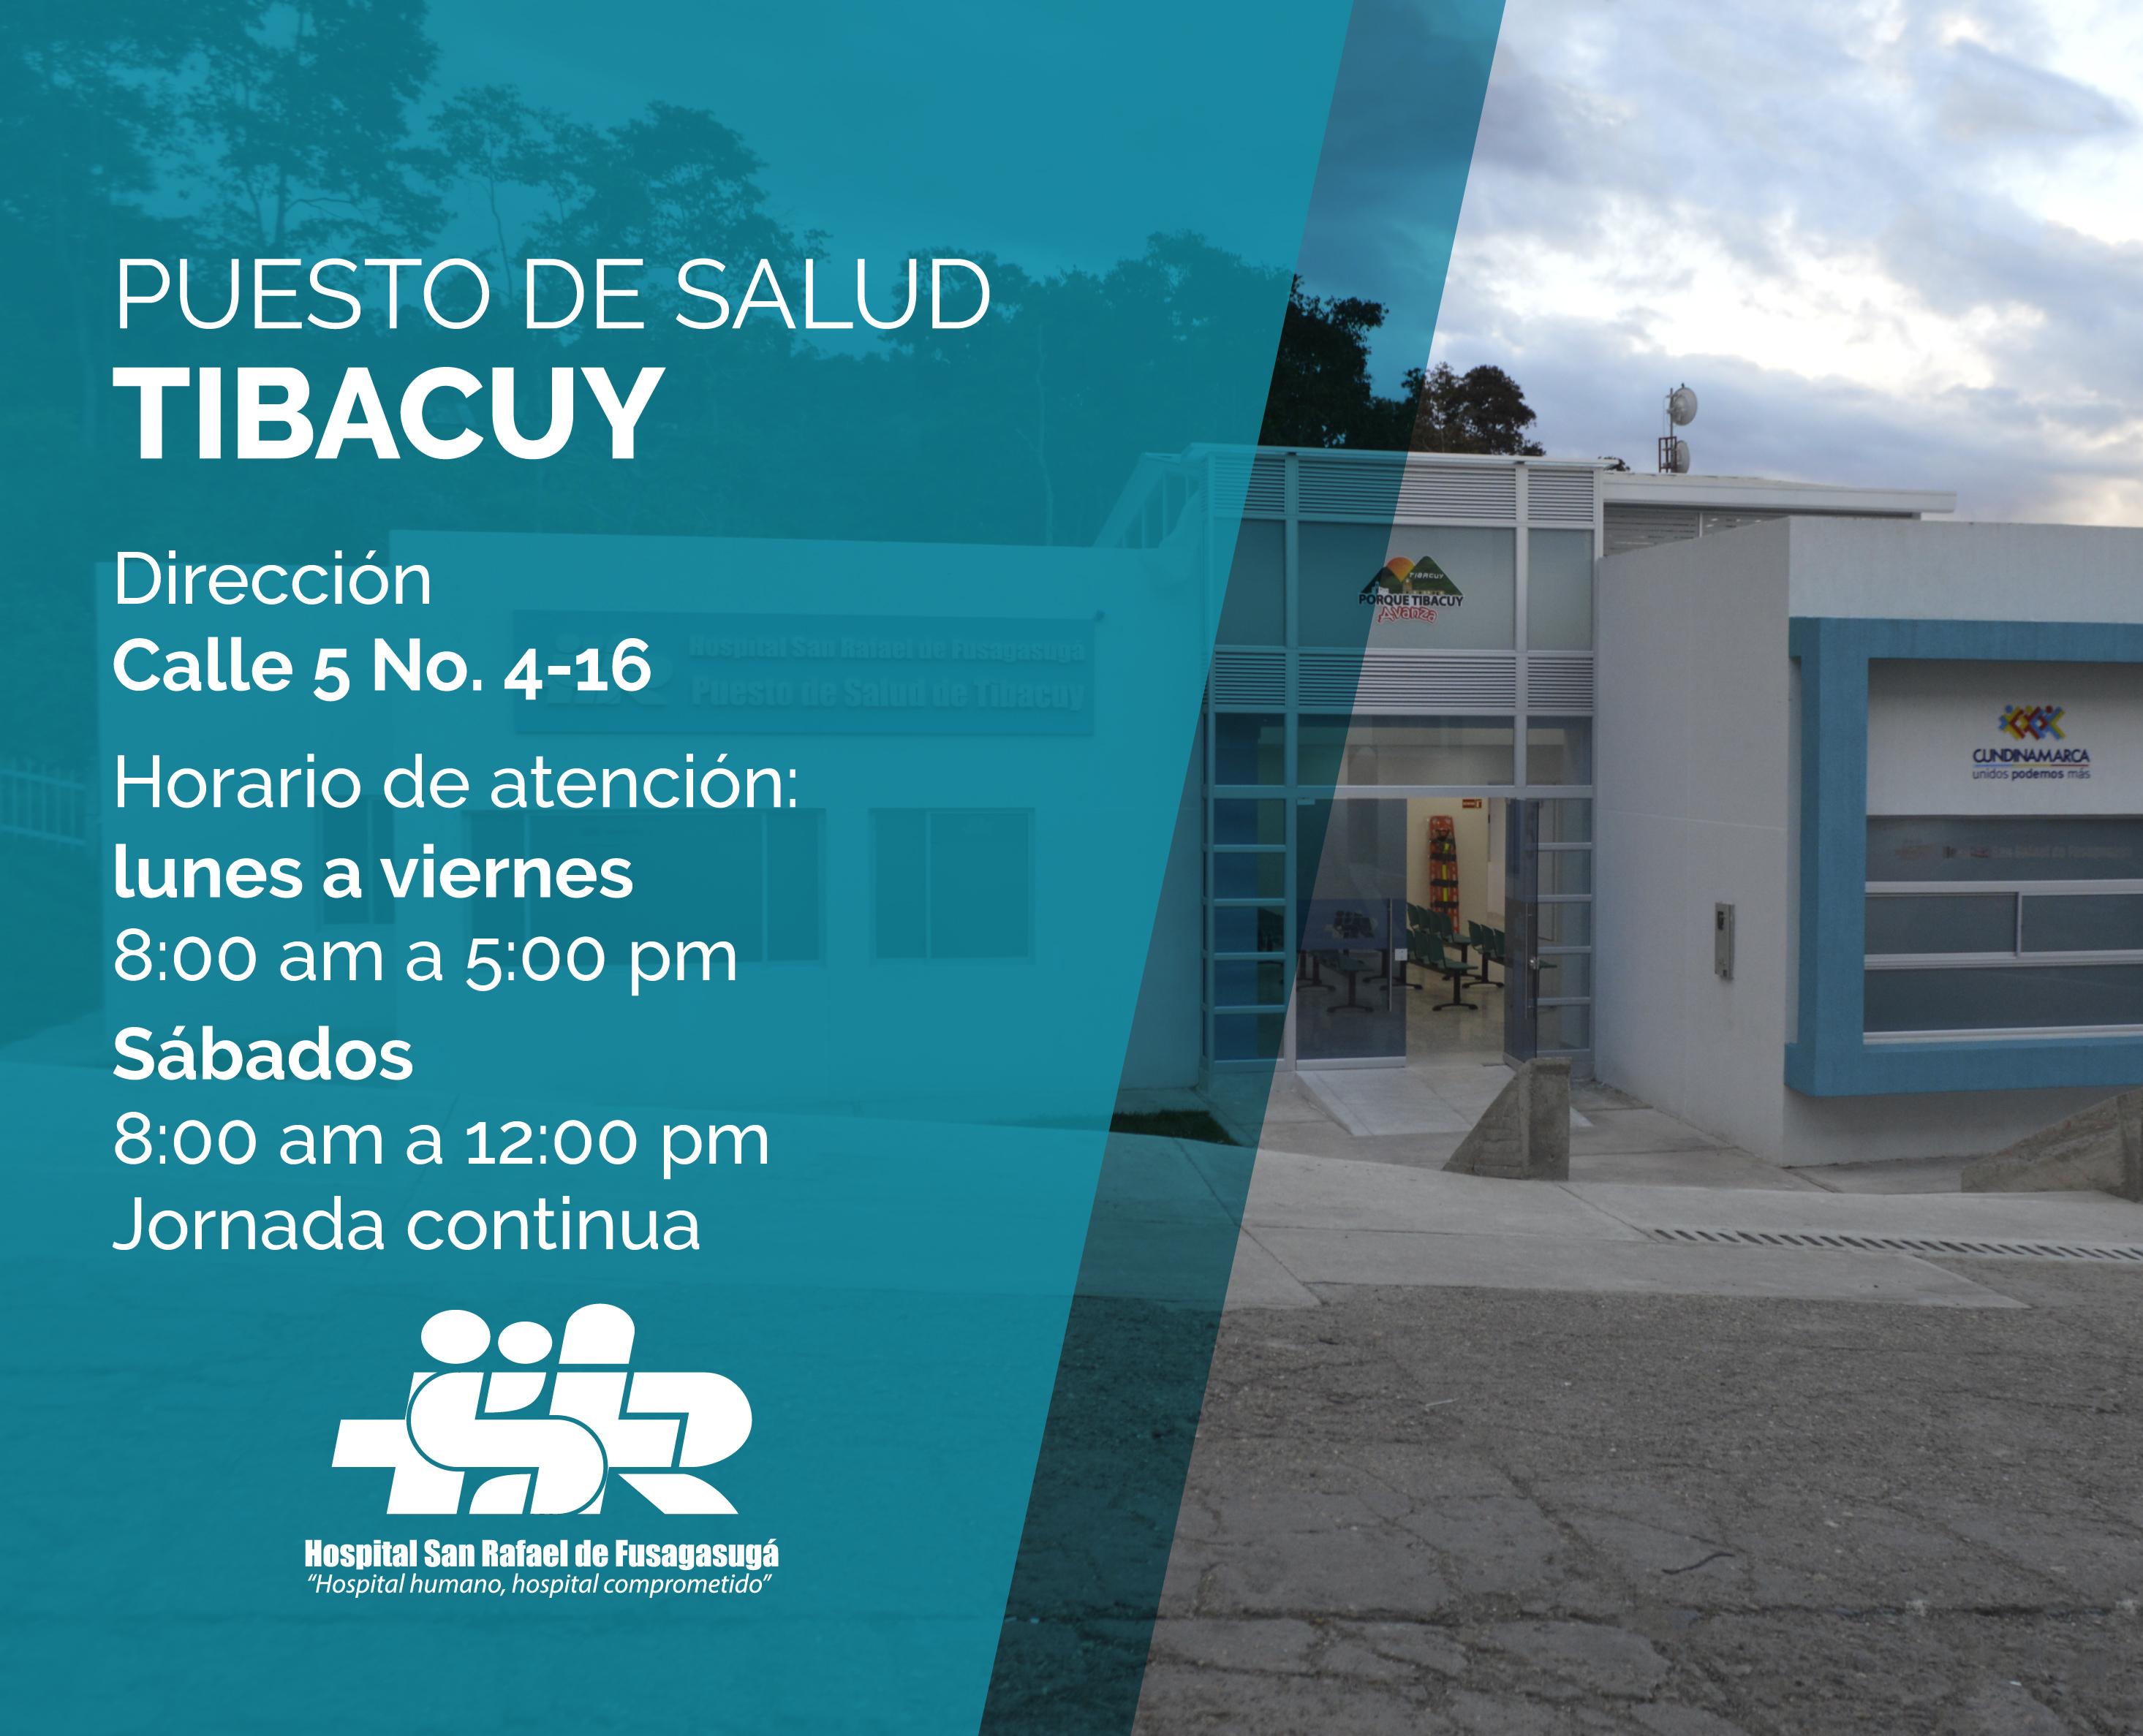 PUESTO DE SALUD TIBACUY